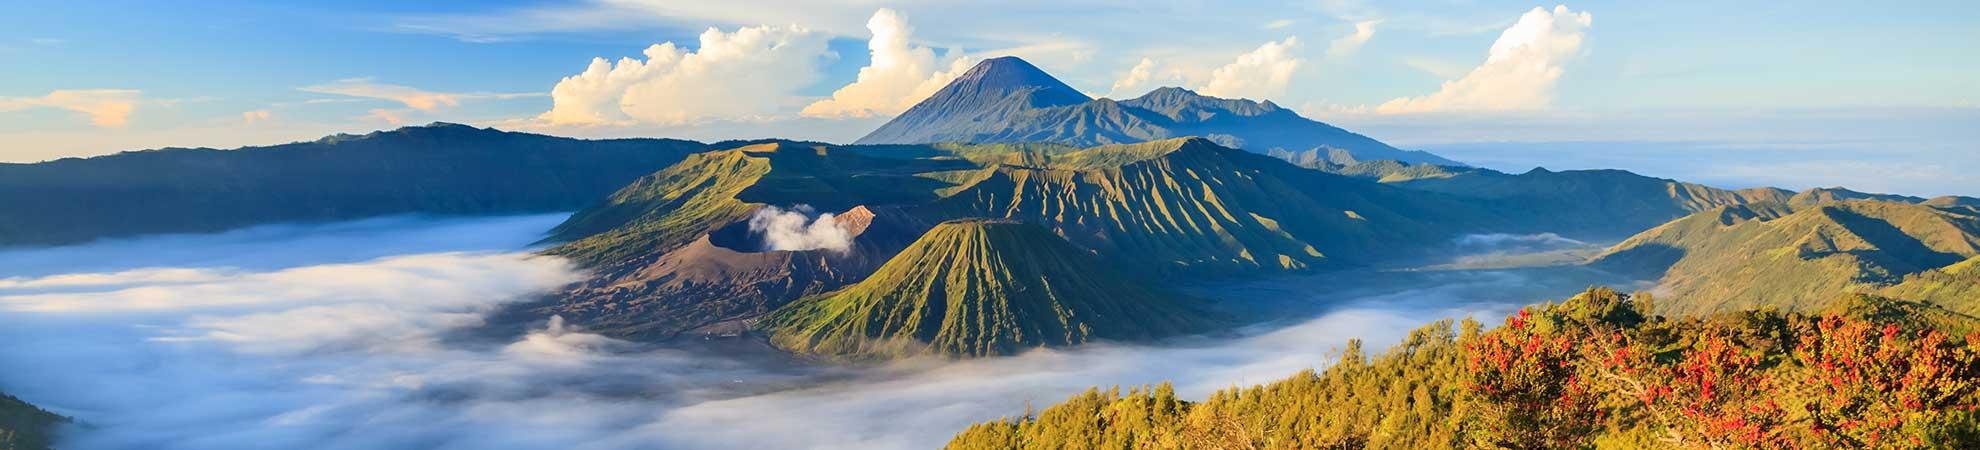 Quand aller en Indonésie